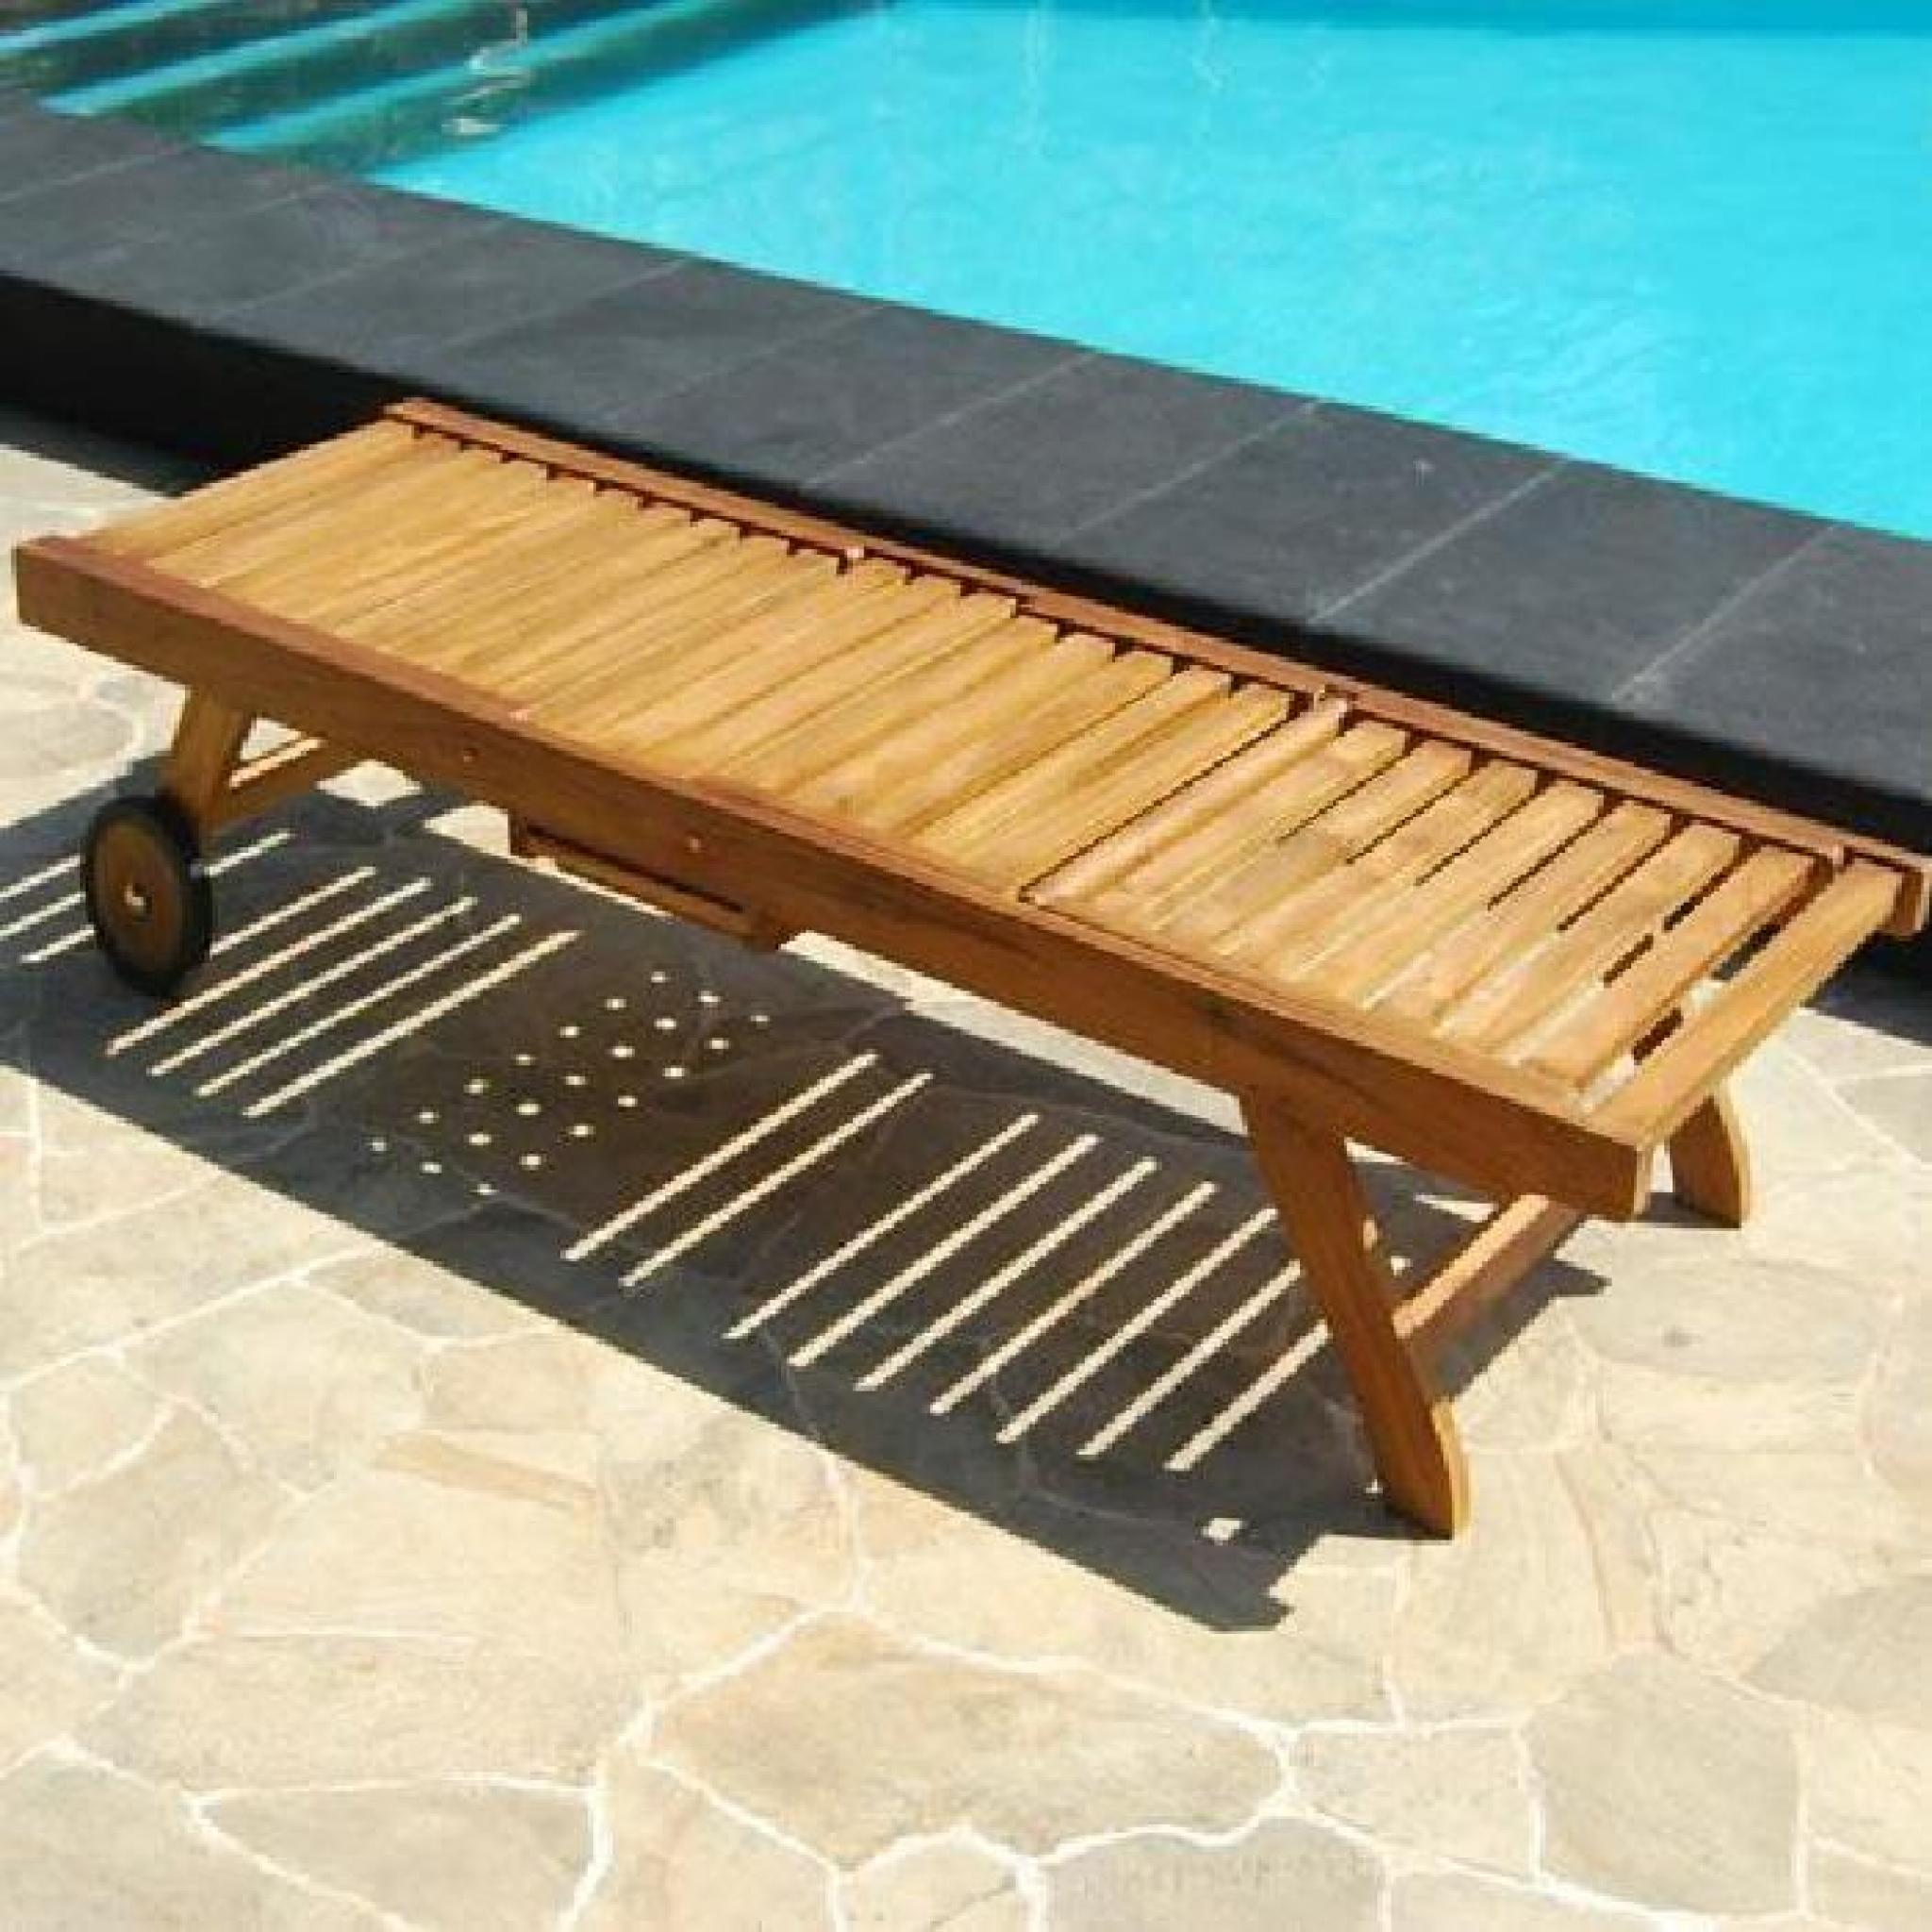 bain de soleil chaise longue en teck huil achat vente. Black Bedroom Furniture Sets. Home Design Ideas